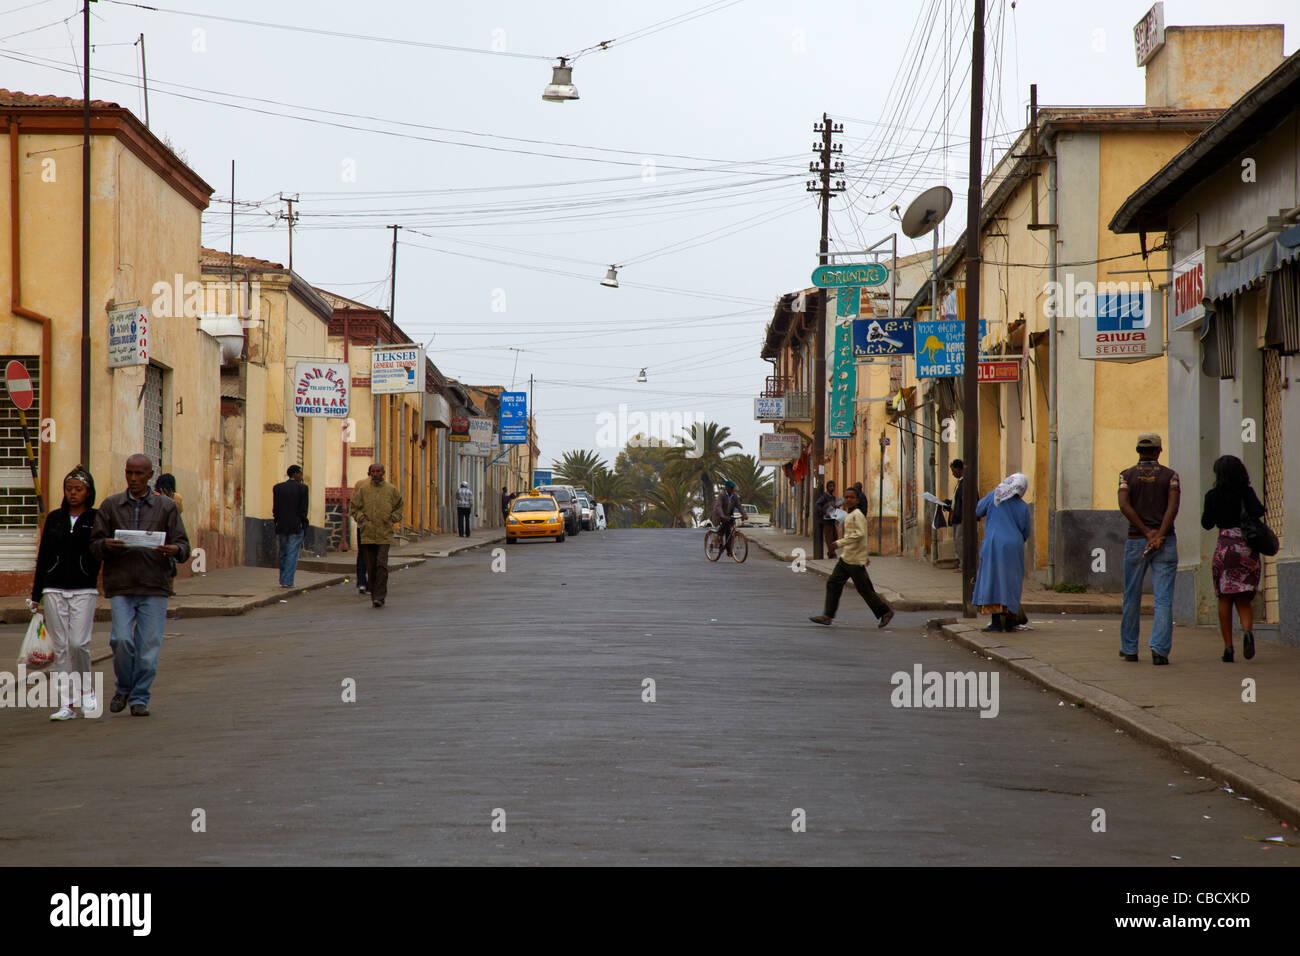 asmara-street-scene-eritrea-africa-CBCXKD.jpg